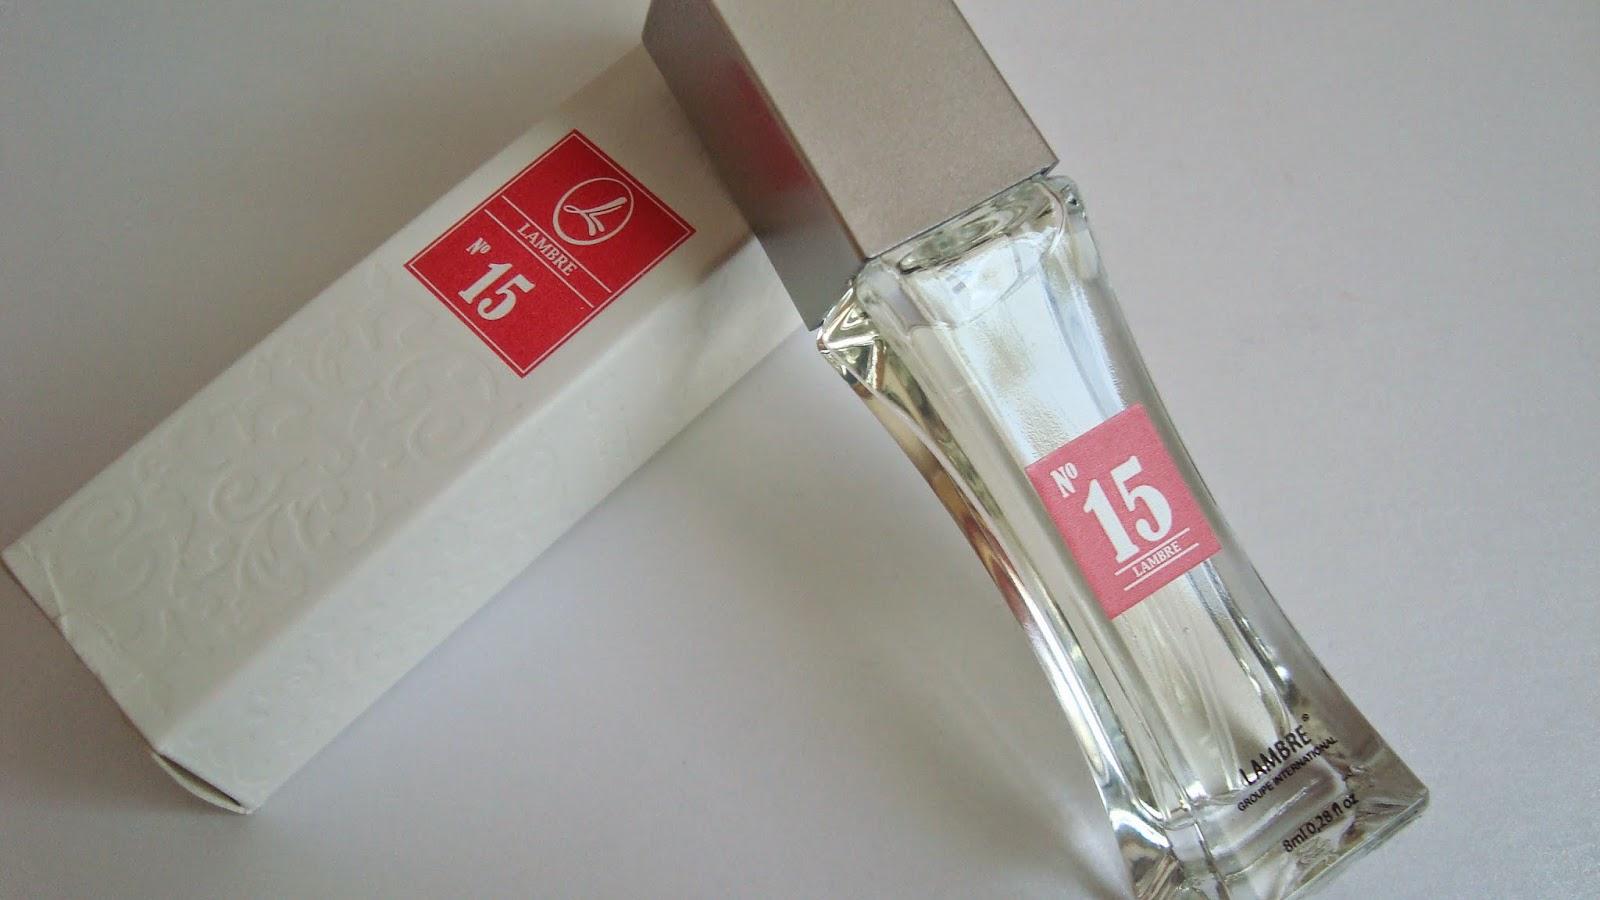 Zapach od Lambre  nr 15